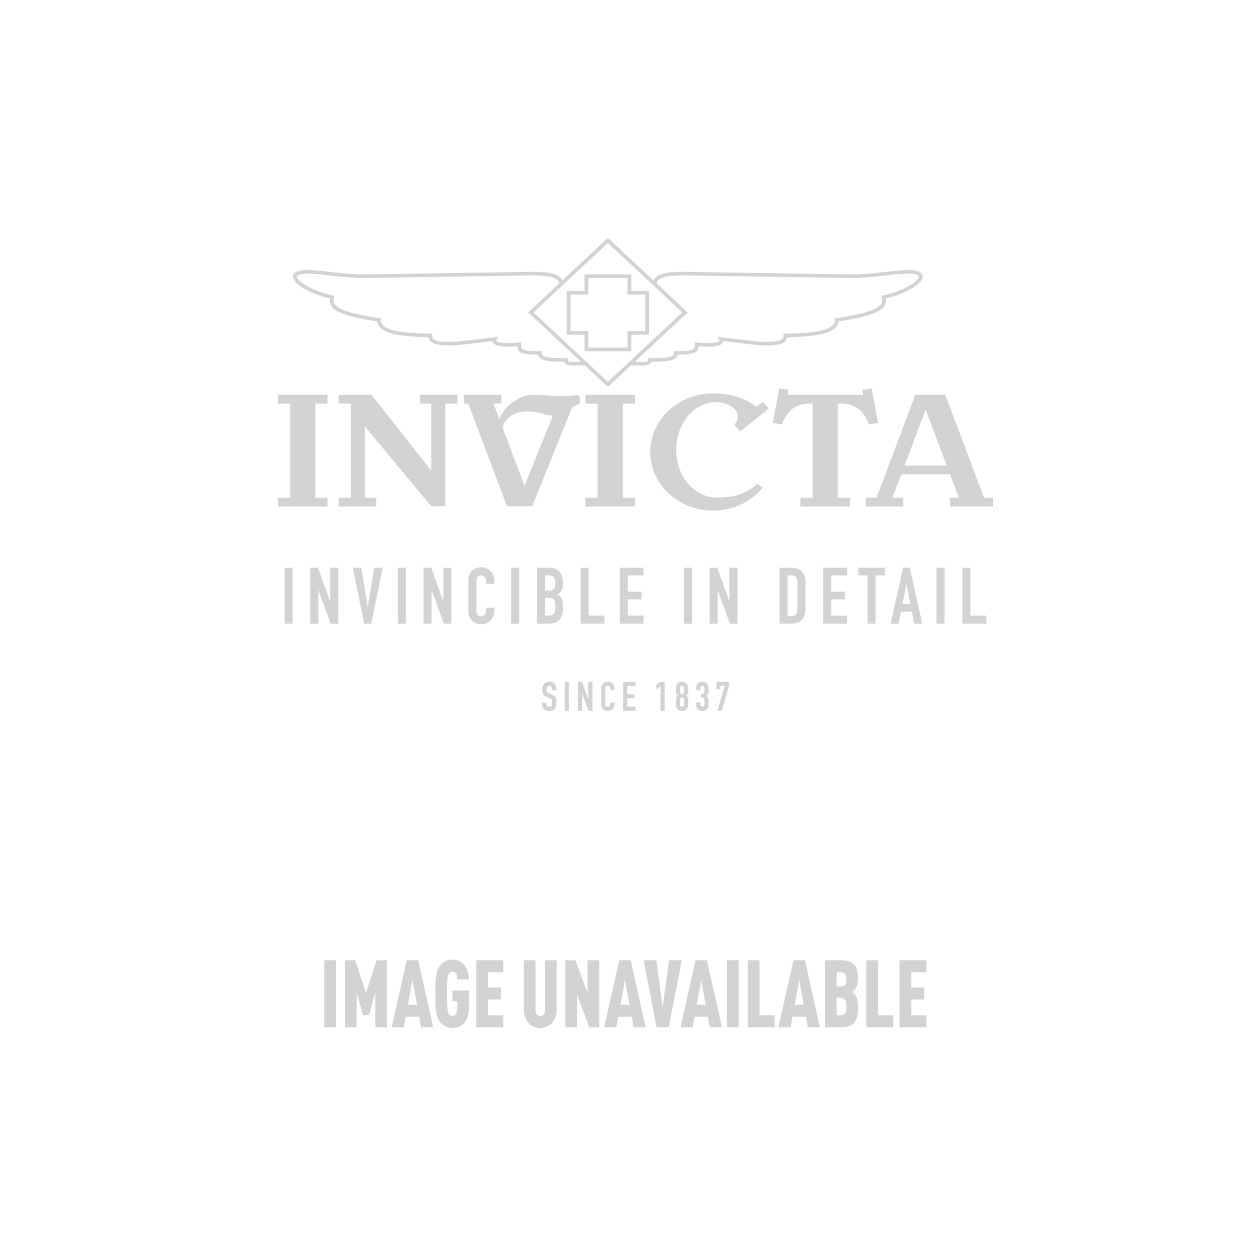 Invicta Model 22993